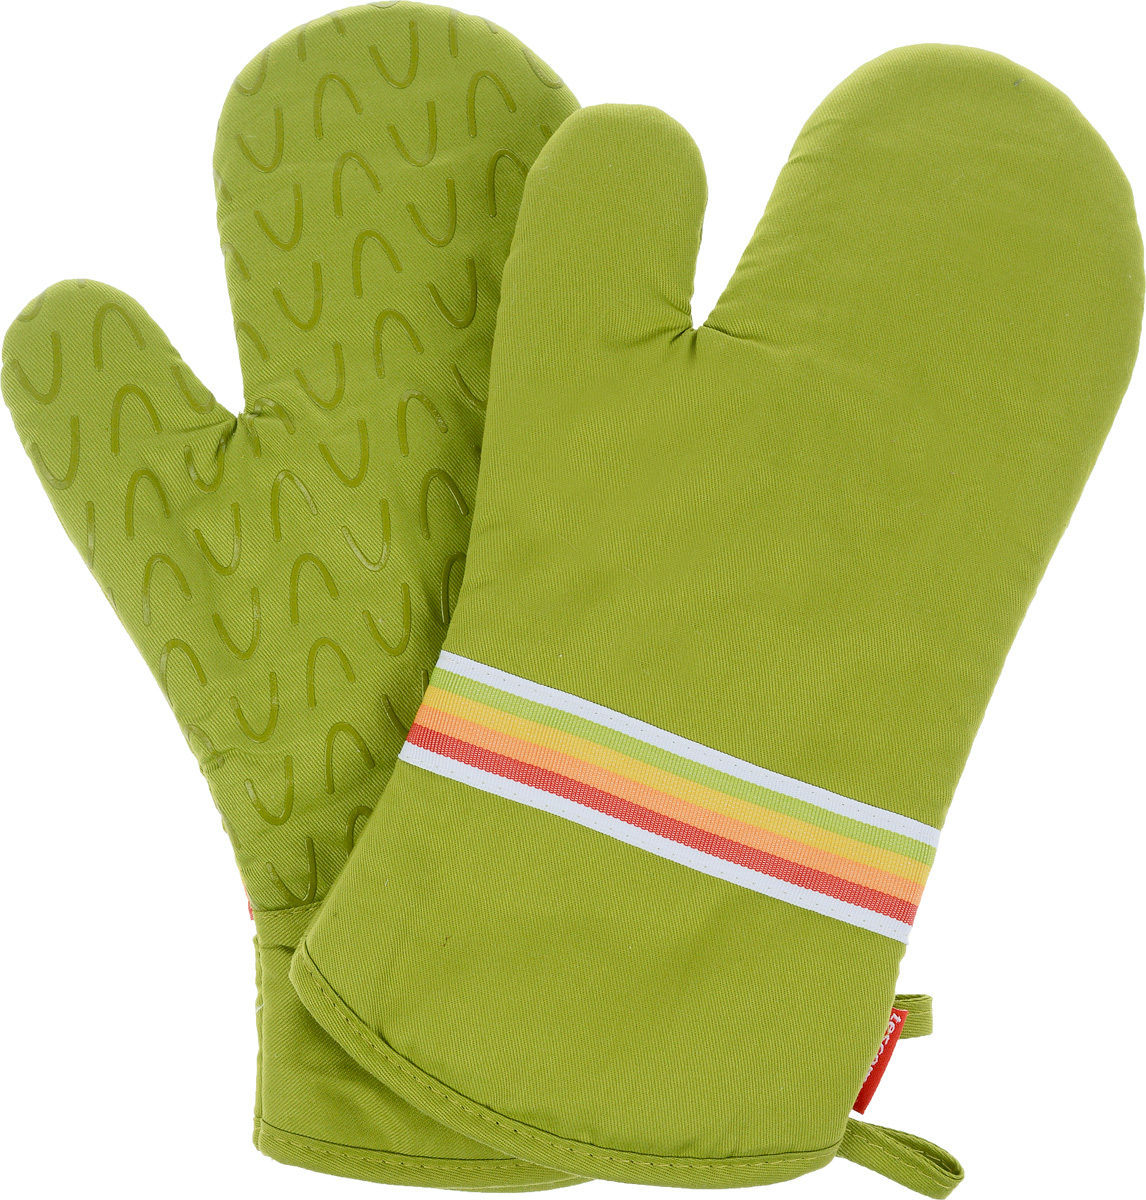 Рукавица-прихватка Tescoma Presto Tone, цвет: зеленый, 33 х 18 см, 2 шт639751_зеленыйРукавица-прихватка Tescoma Presto Tone, изготовленная из 100% хлопка и термостойкого силикона, имеет яркий дизайн. Для простоты и удобства хранения, изделие оснащено петелькой для подвешивания и магнитом. Такая прихватка защитит ваши руки от высоких температур и предотвратит появление ожогов. Рекомендуется стирка при температуре 30°С. Размер изделия (ДхШ): 33 х 18 см.Комплектация: 2 шт.